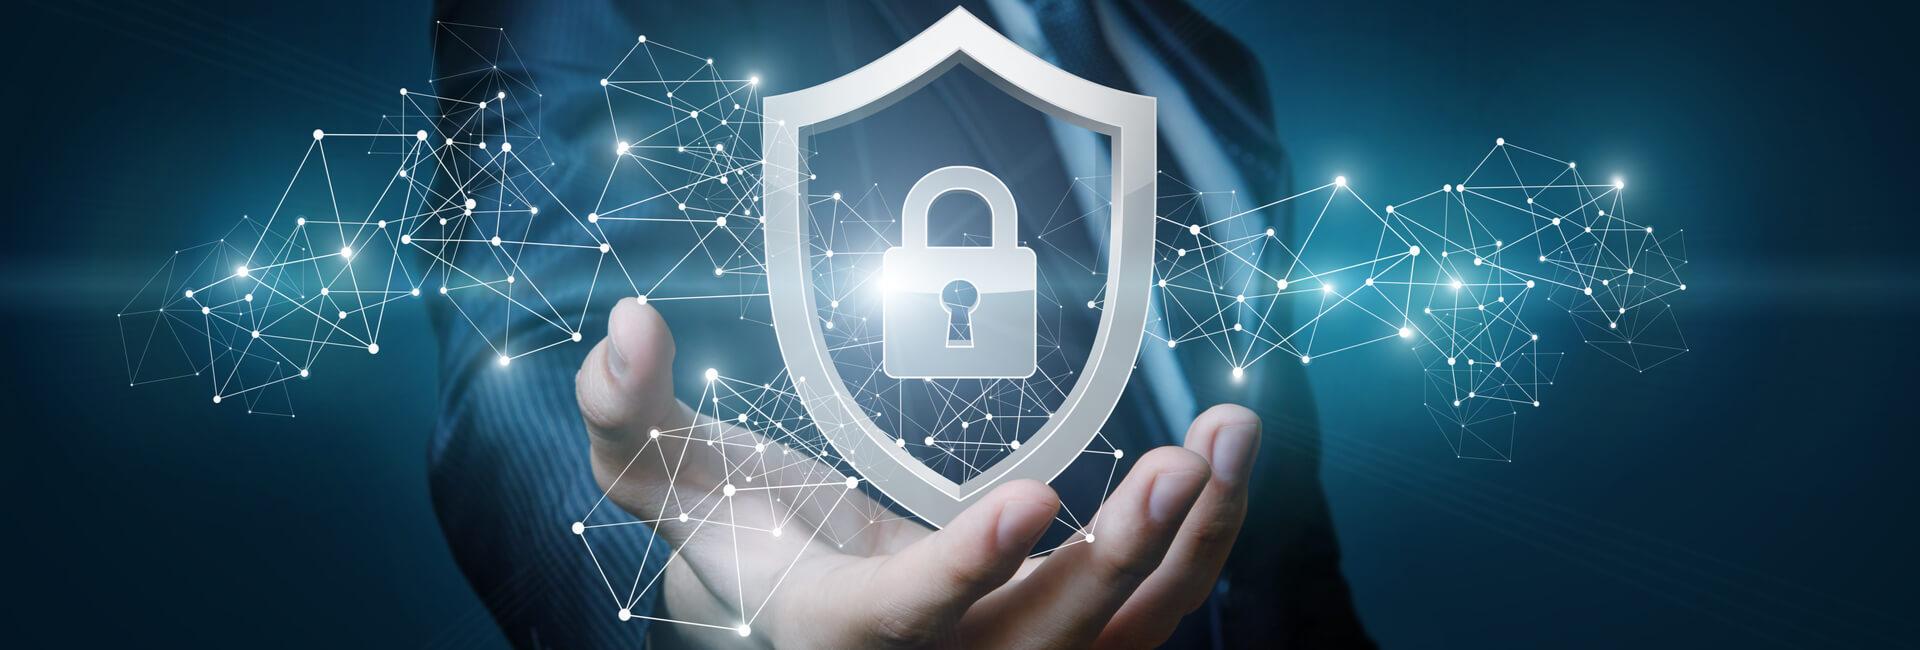 Studi professionali e protezione dati: come difendere il patrimonio dell'azienda con servizi evoluti